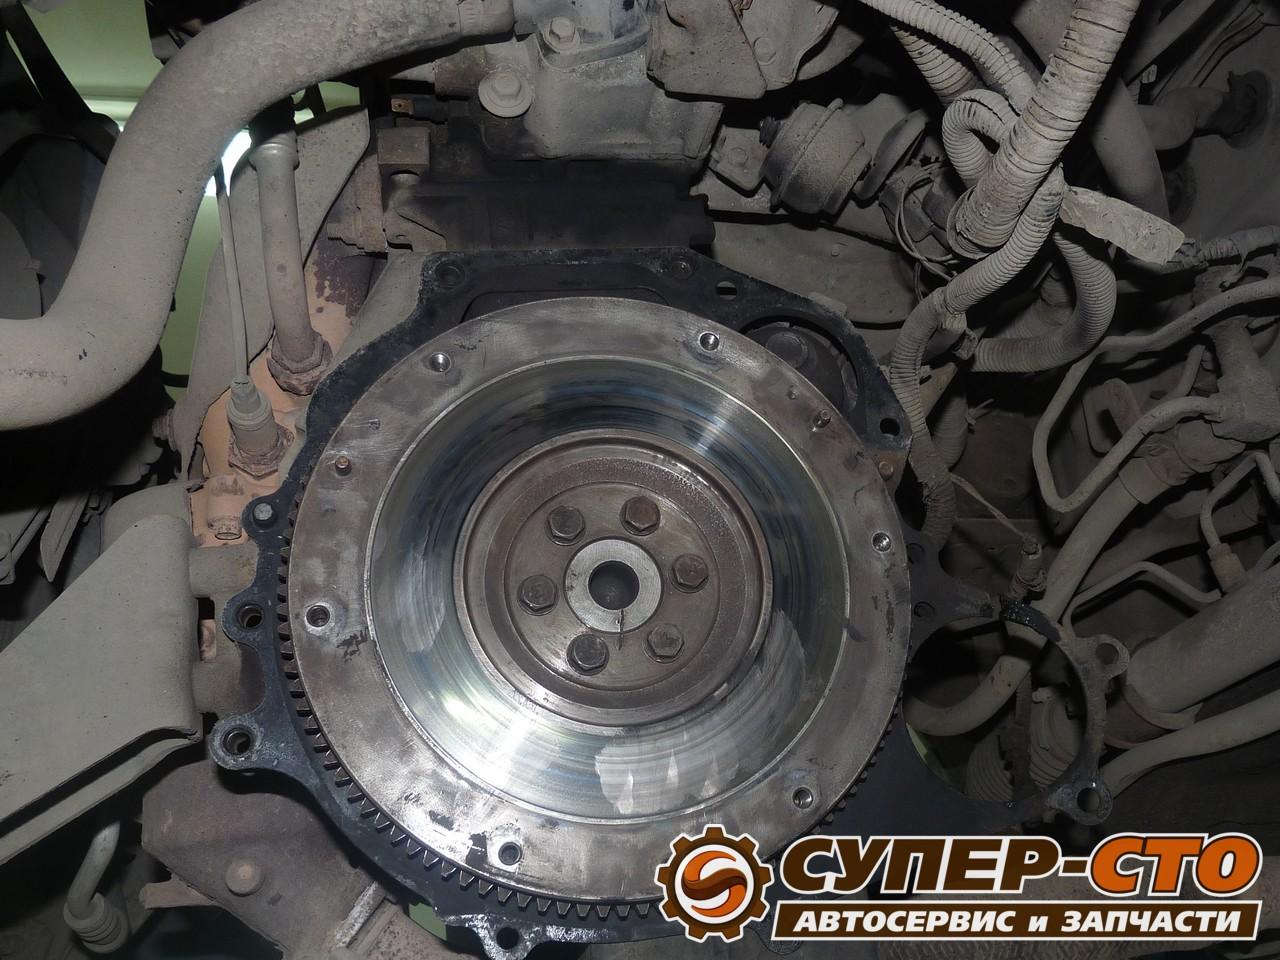 Самостоятельная замена сцепления Nissan Almera N16 27